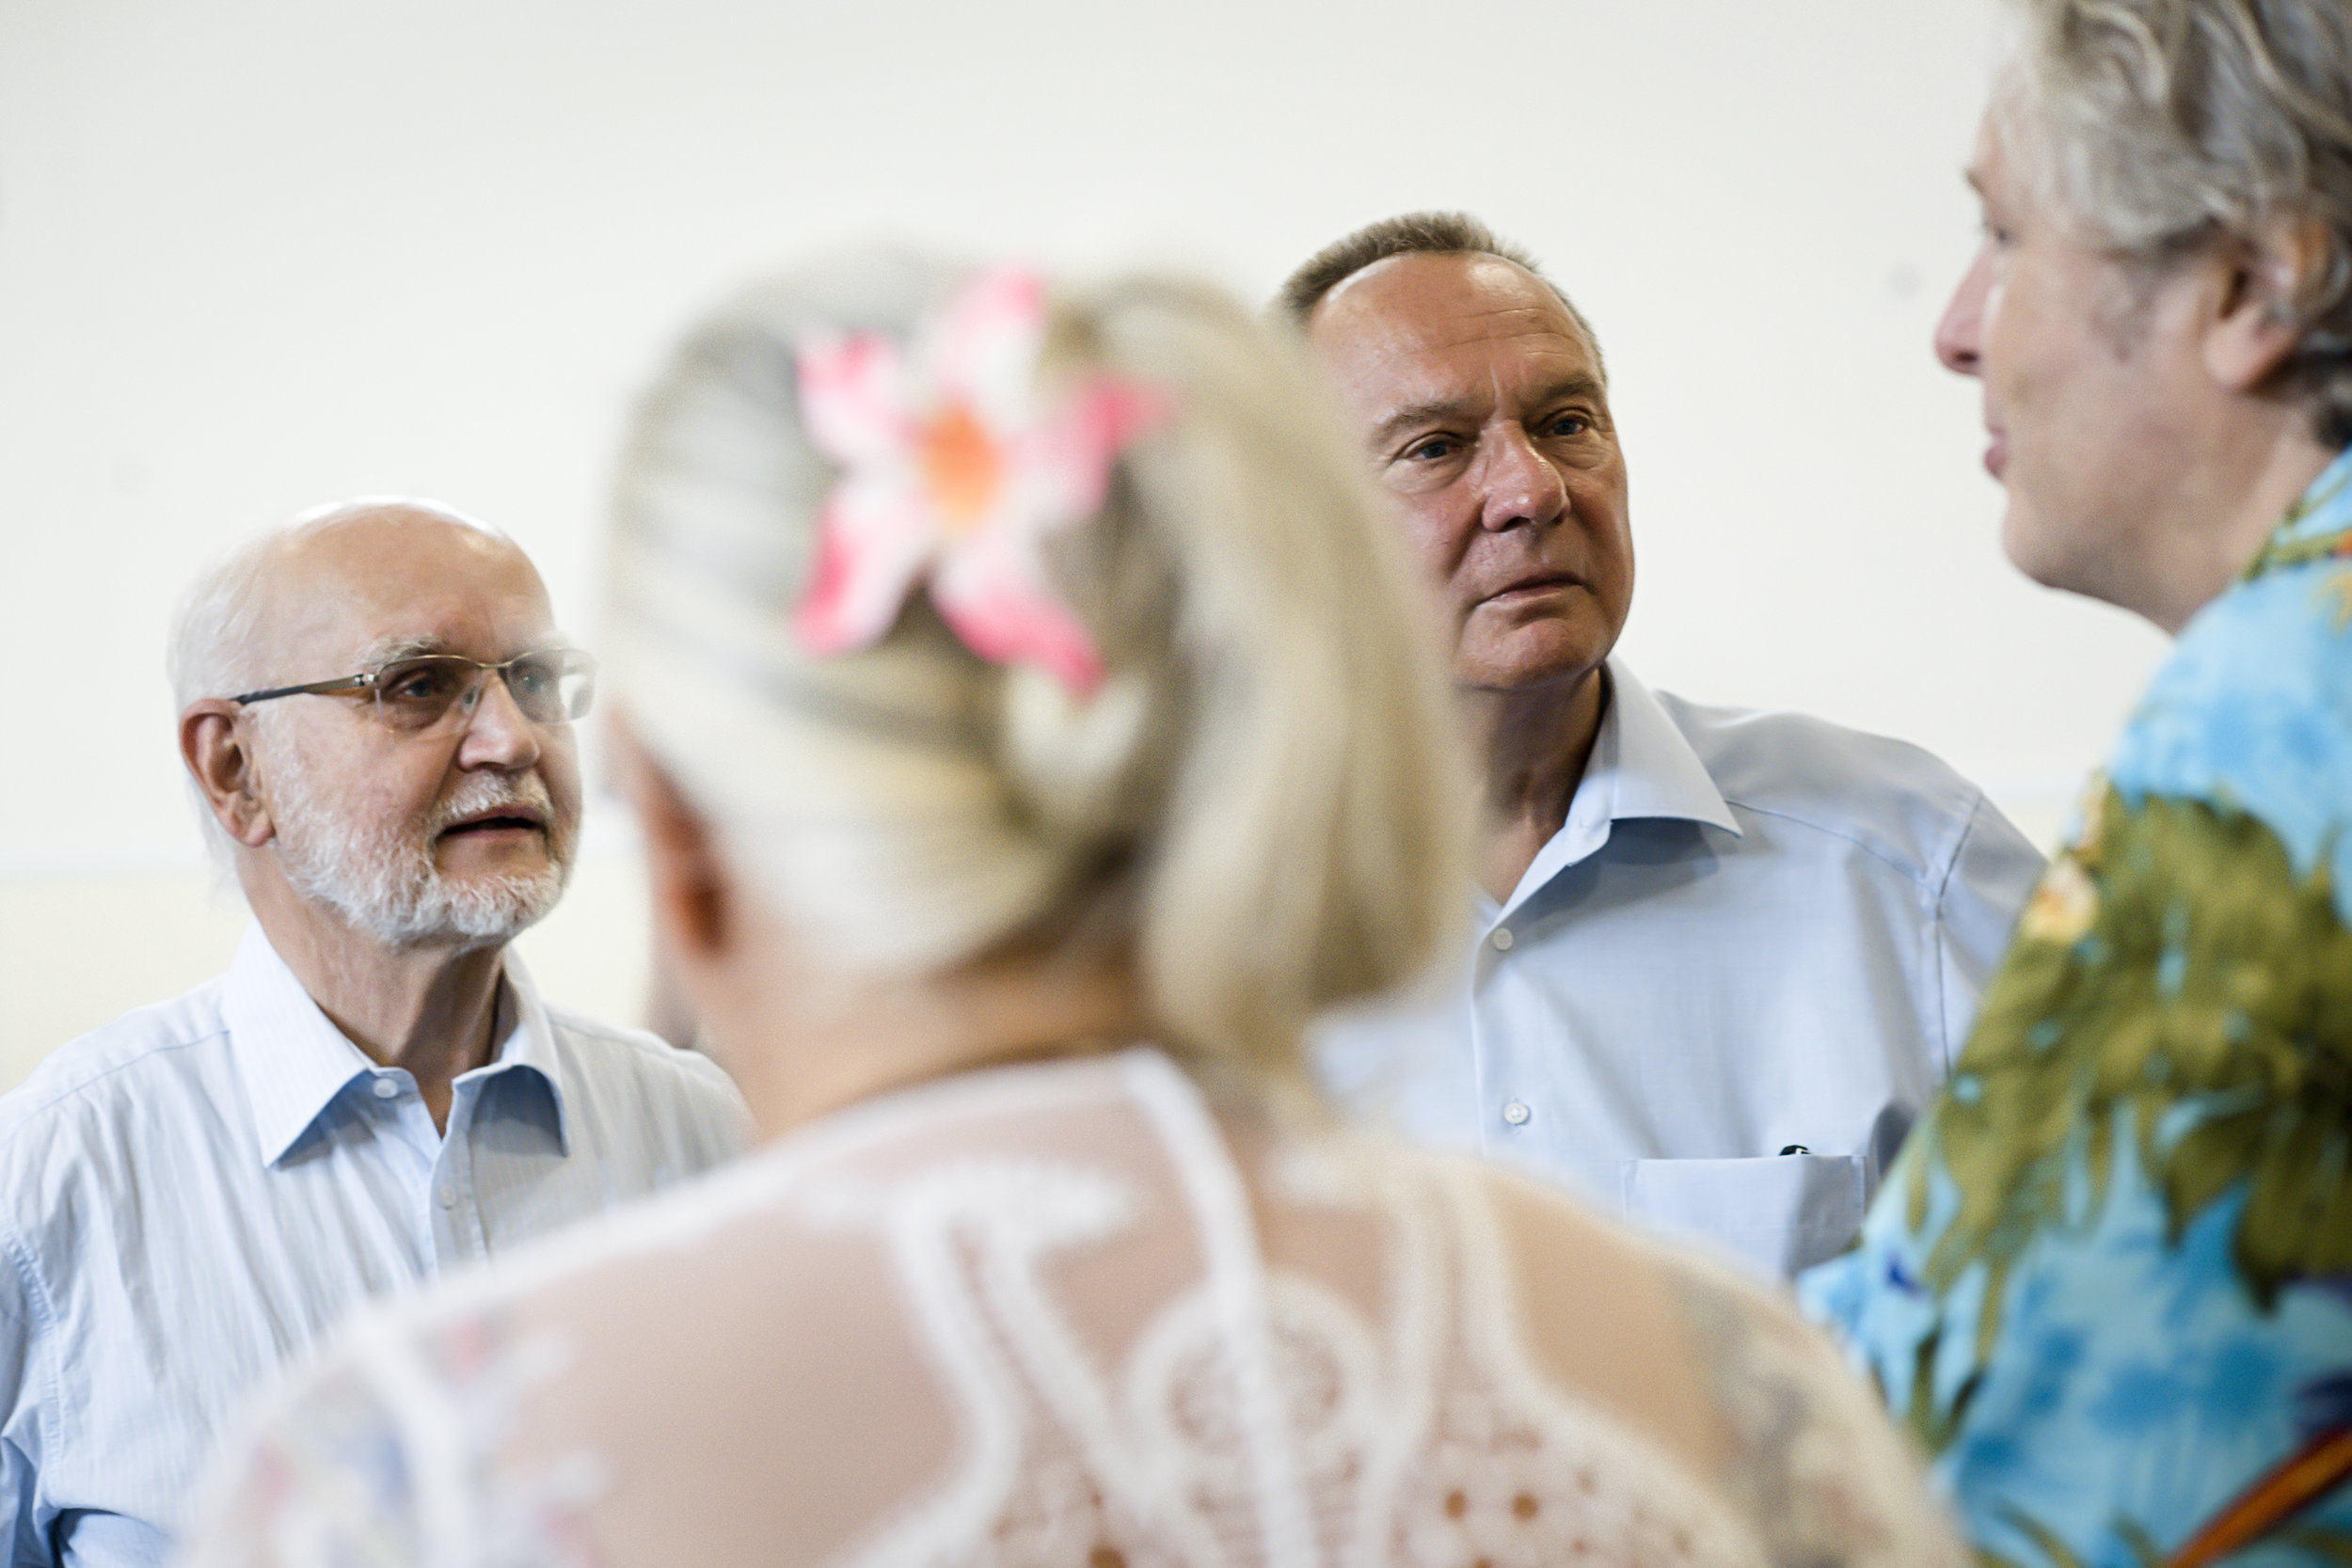 (v.l.n.r.) Prof. Dr. Dr. h.c. Friedrich Glasl, Insa Sparrer, Franz Huber, Prof. Dr. Matthias Varga von Kibéd